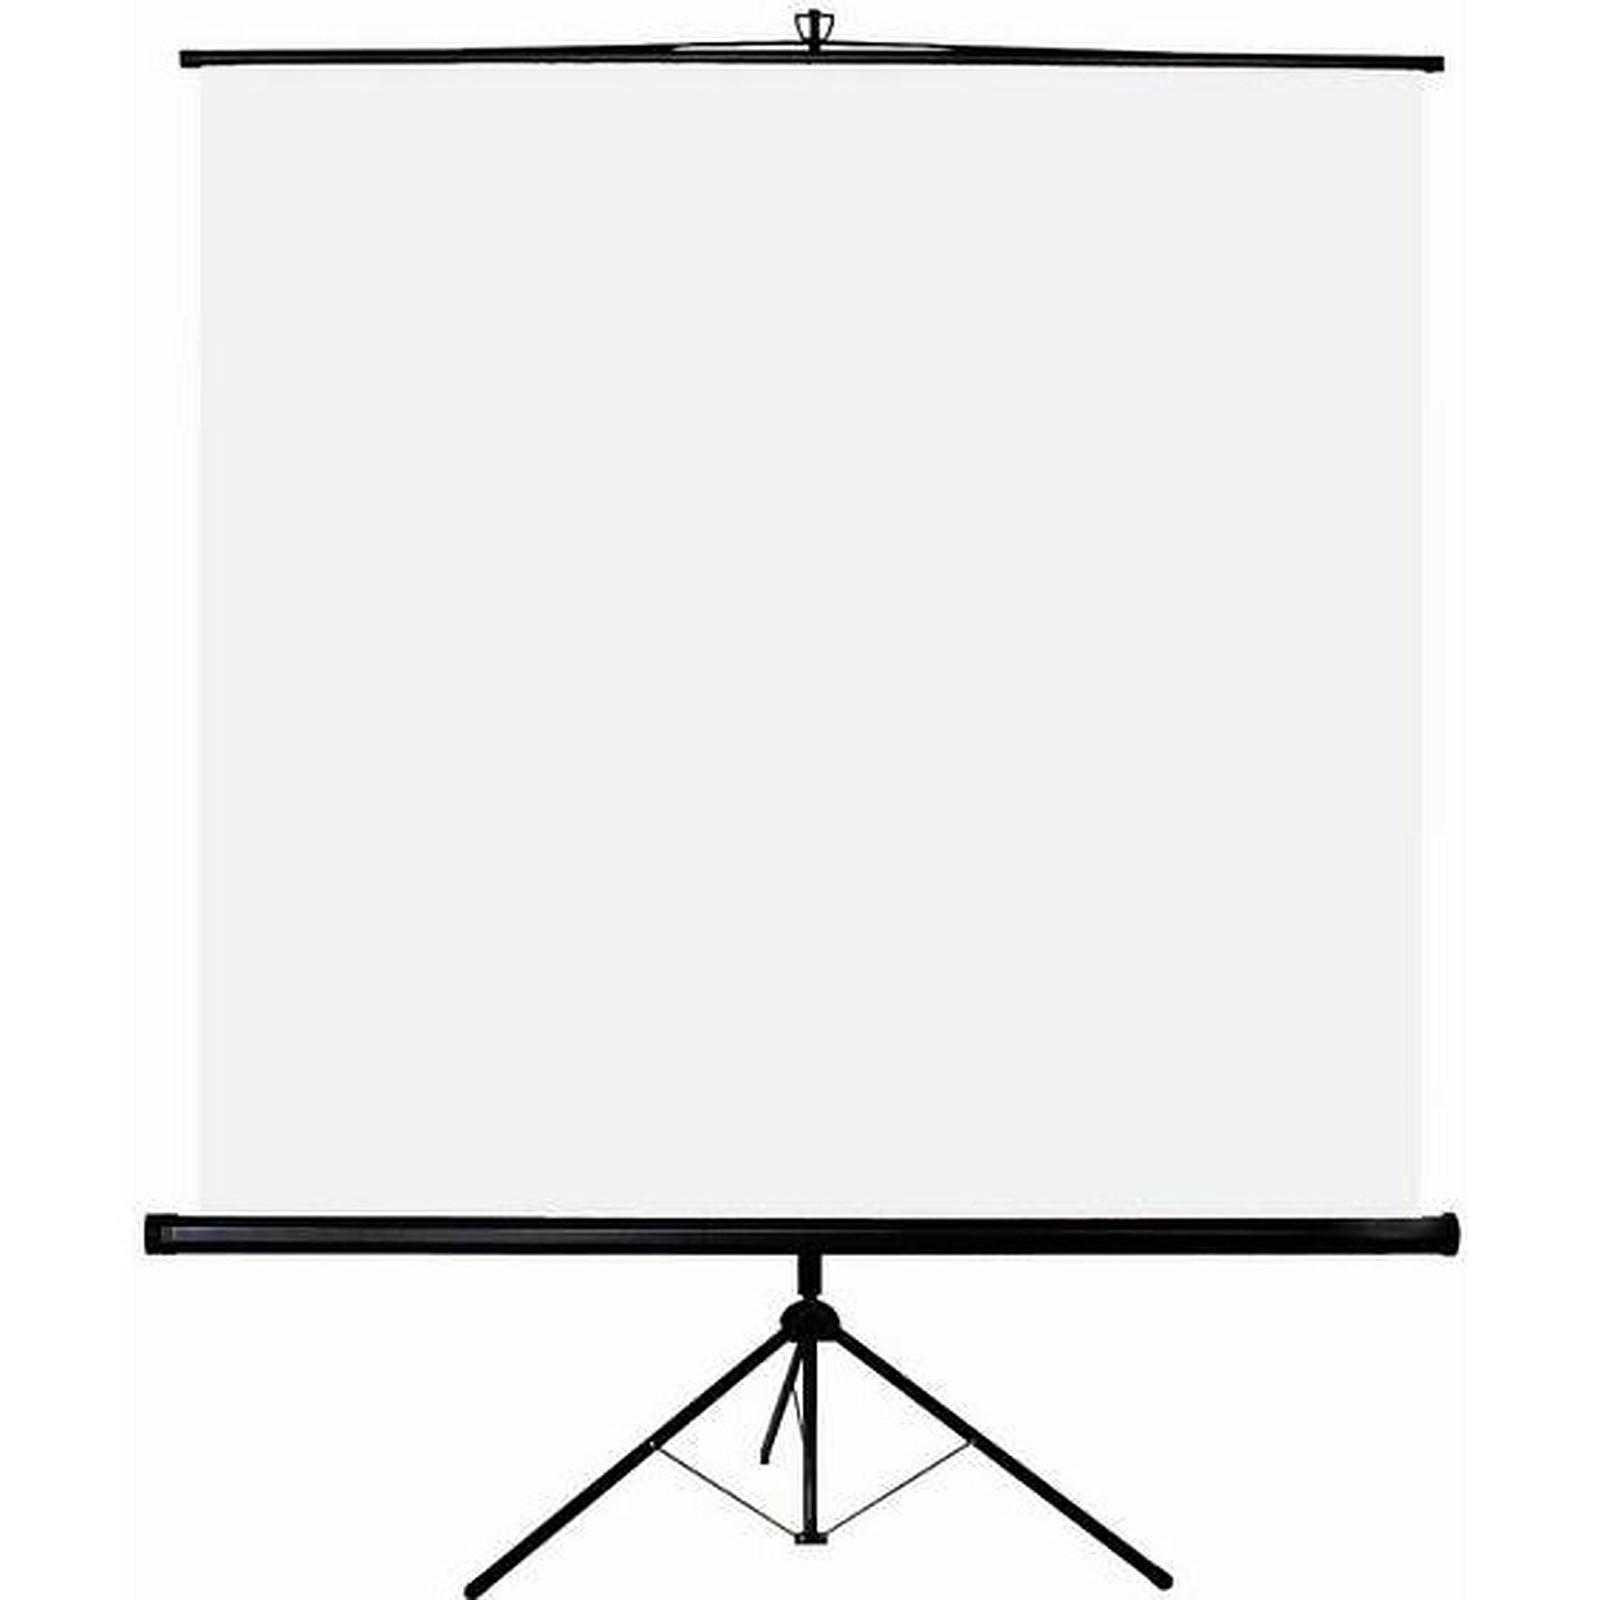 LDLC Ecran trépied - Format 1:1 - 120 x 120 cm